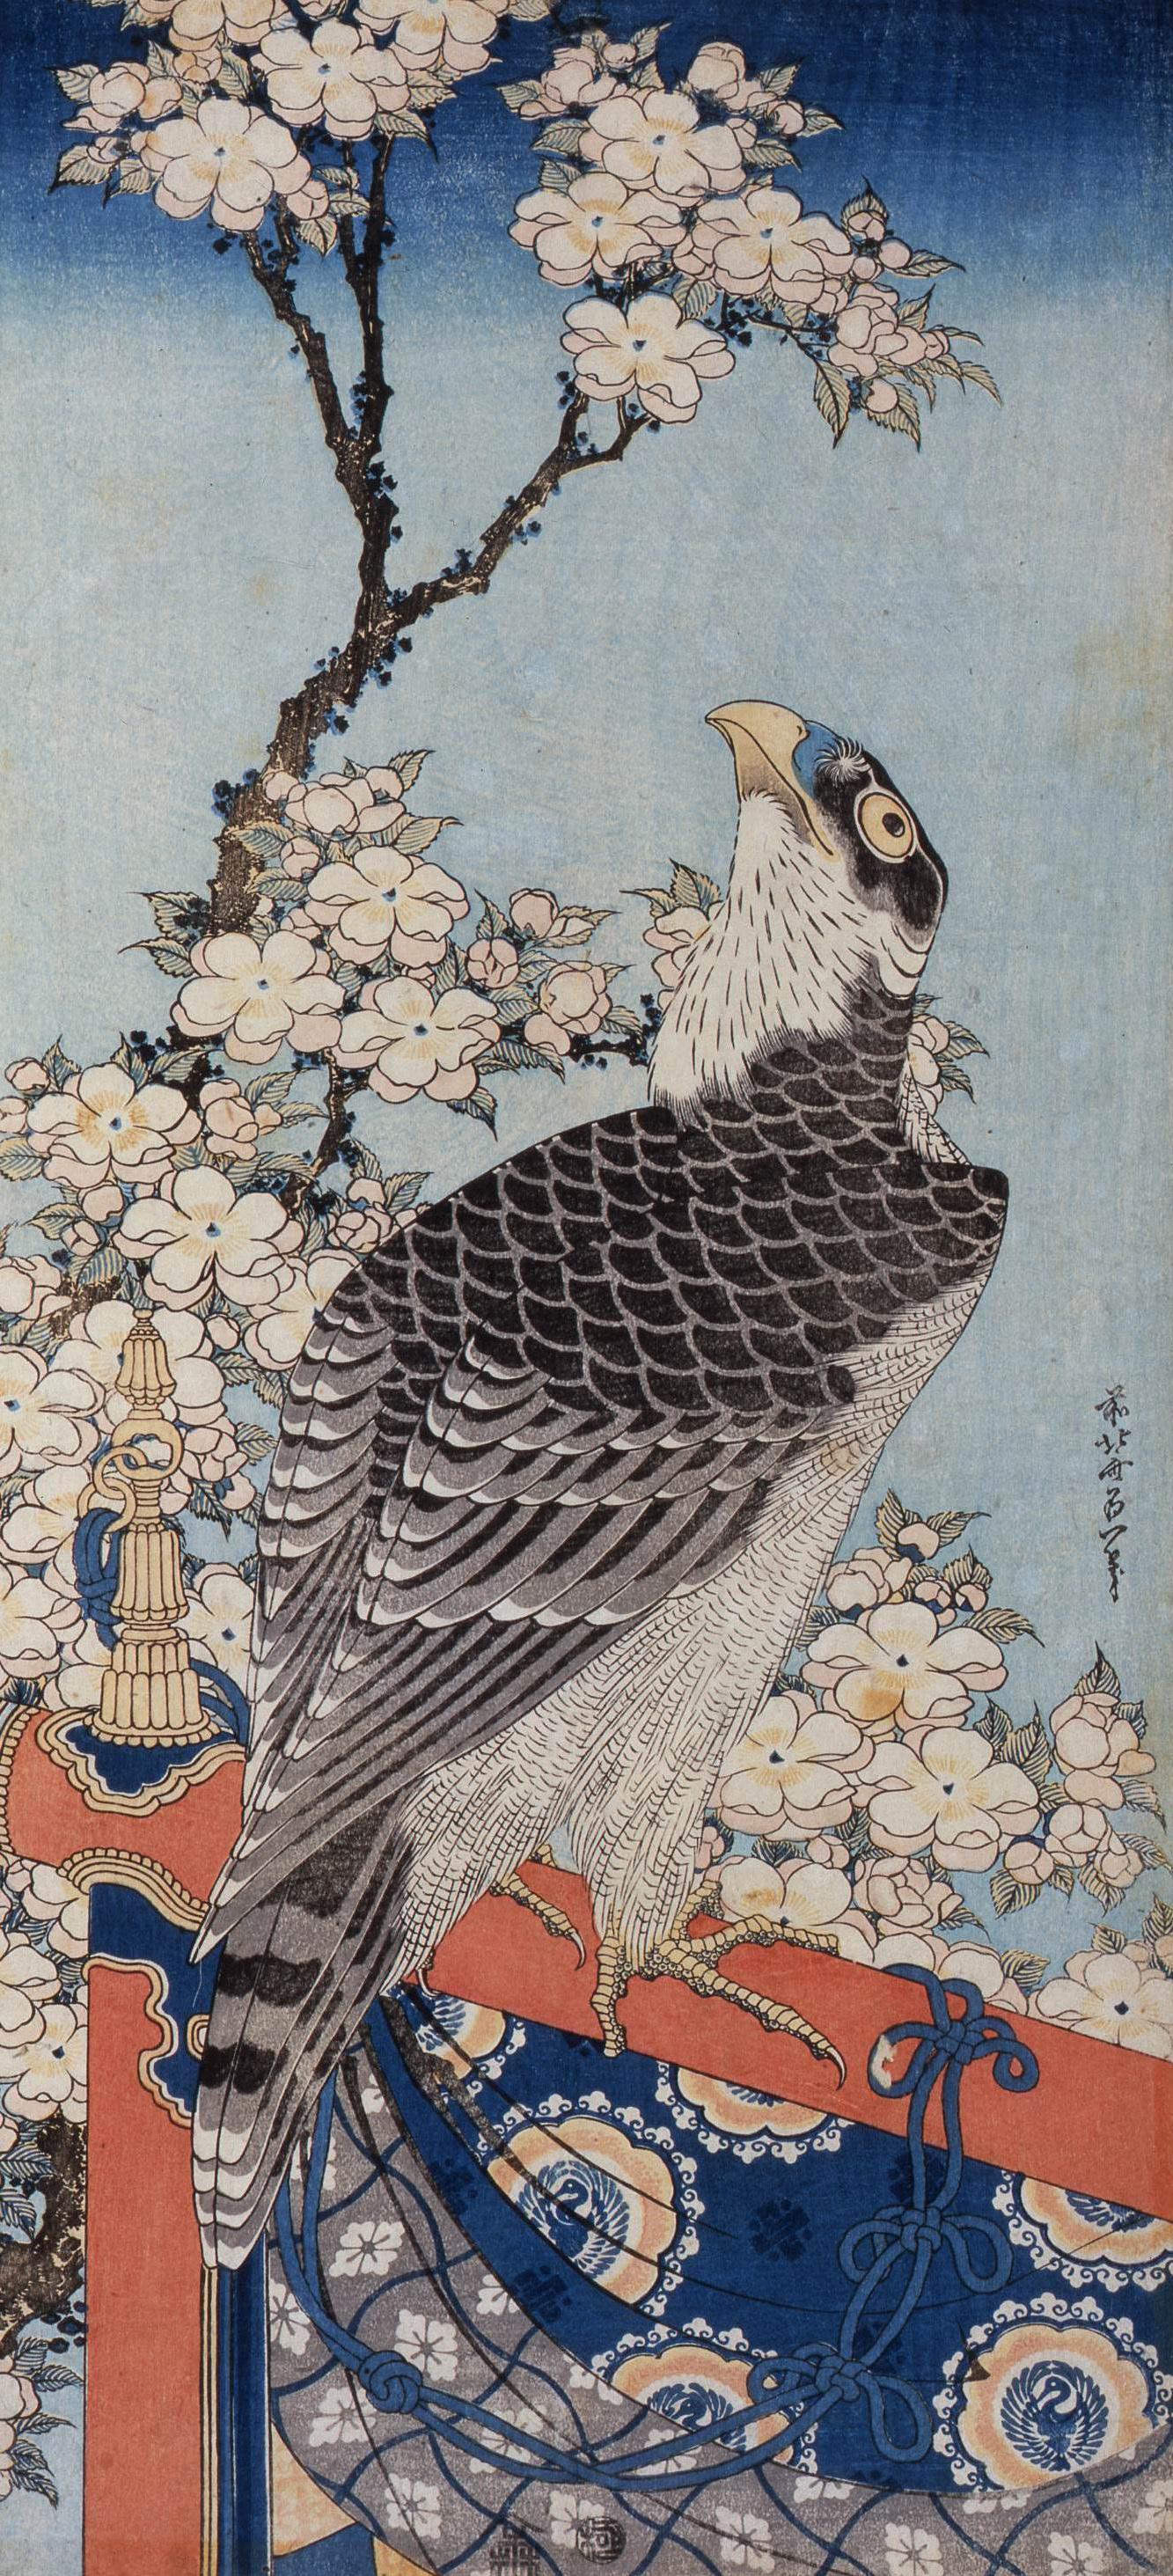 葛飾北斎「桜に鷹」すみだ北斎美術館蔵(前期)